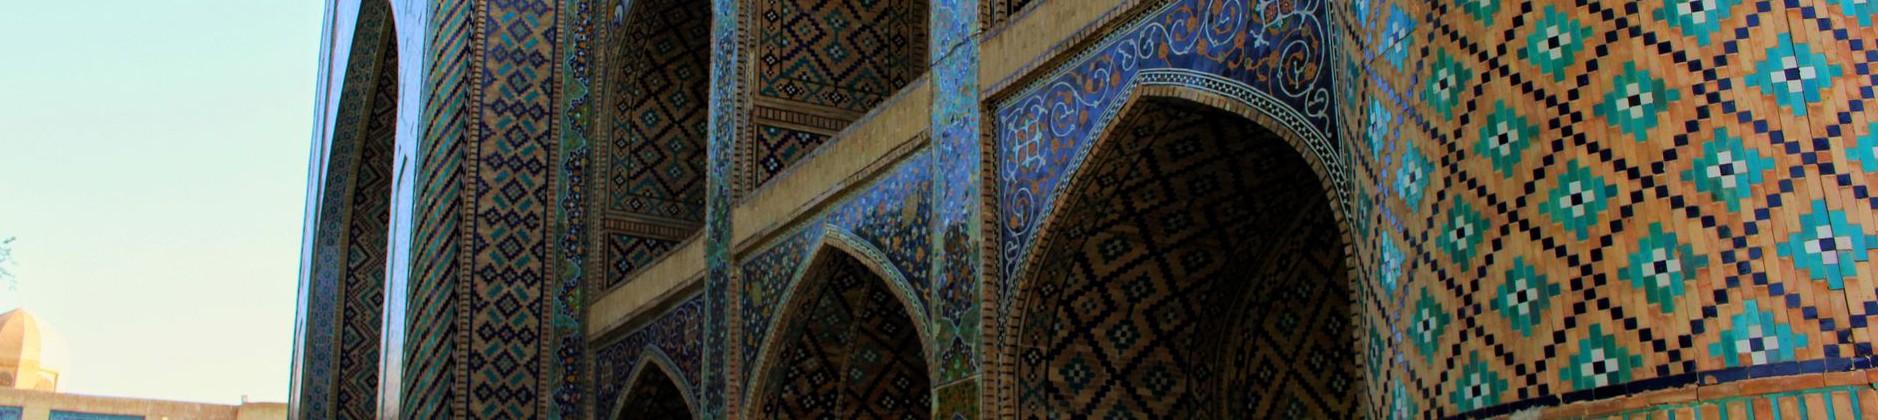 Tour: Tashkent-Samarkand-Bukhara - 1